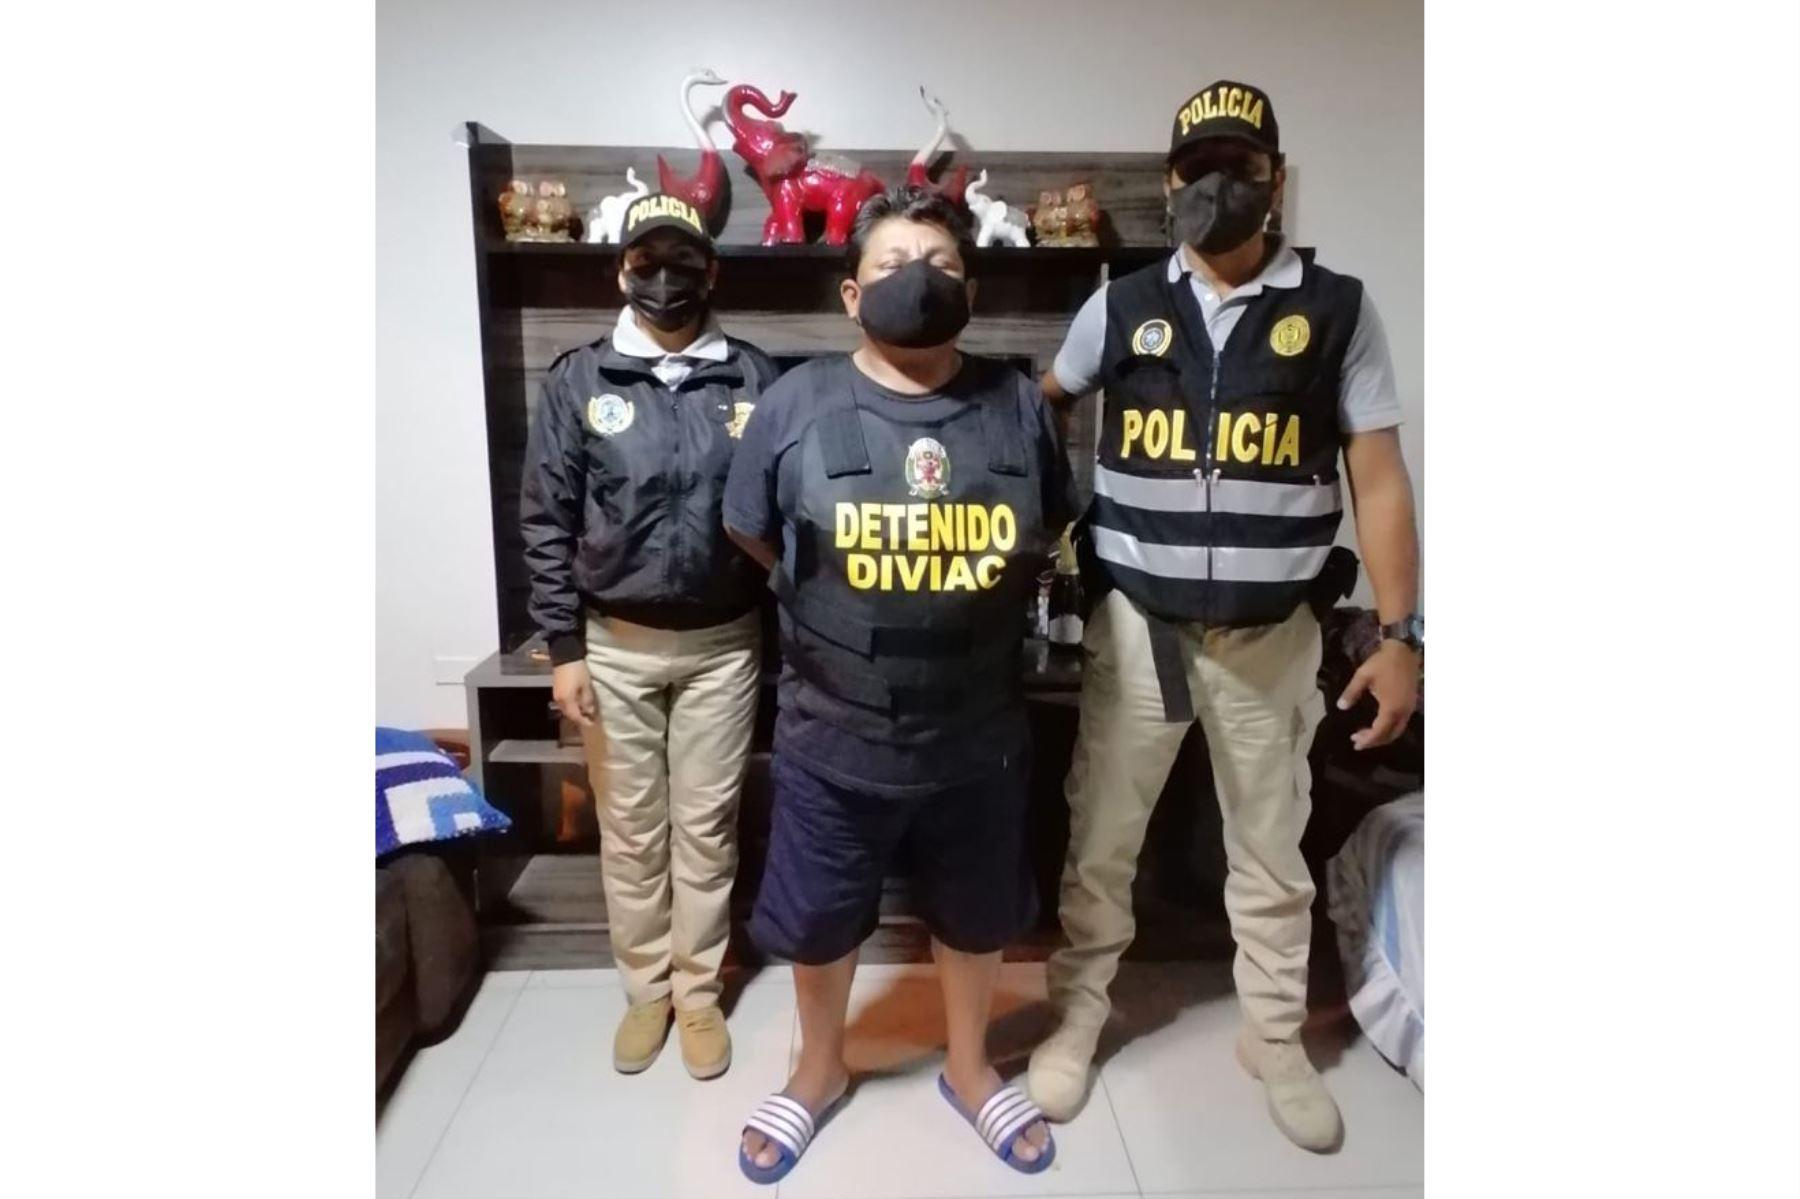 En un nuevo megaoperativo, más de 300 efectivos de la Policia Nacionalo del Perú y 20 representantes de la Fiscalía capturaron a 10 integrantes de la organización criminal Los Ligeros del Sur, quienes se dedicaban al robo de vehículos y extorsión en Lima Metropolitana. Foto: Mininter